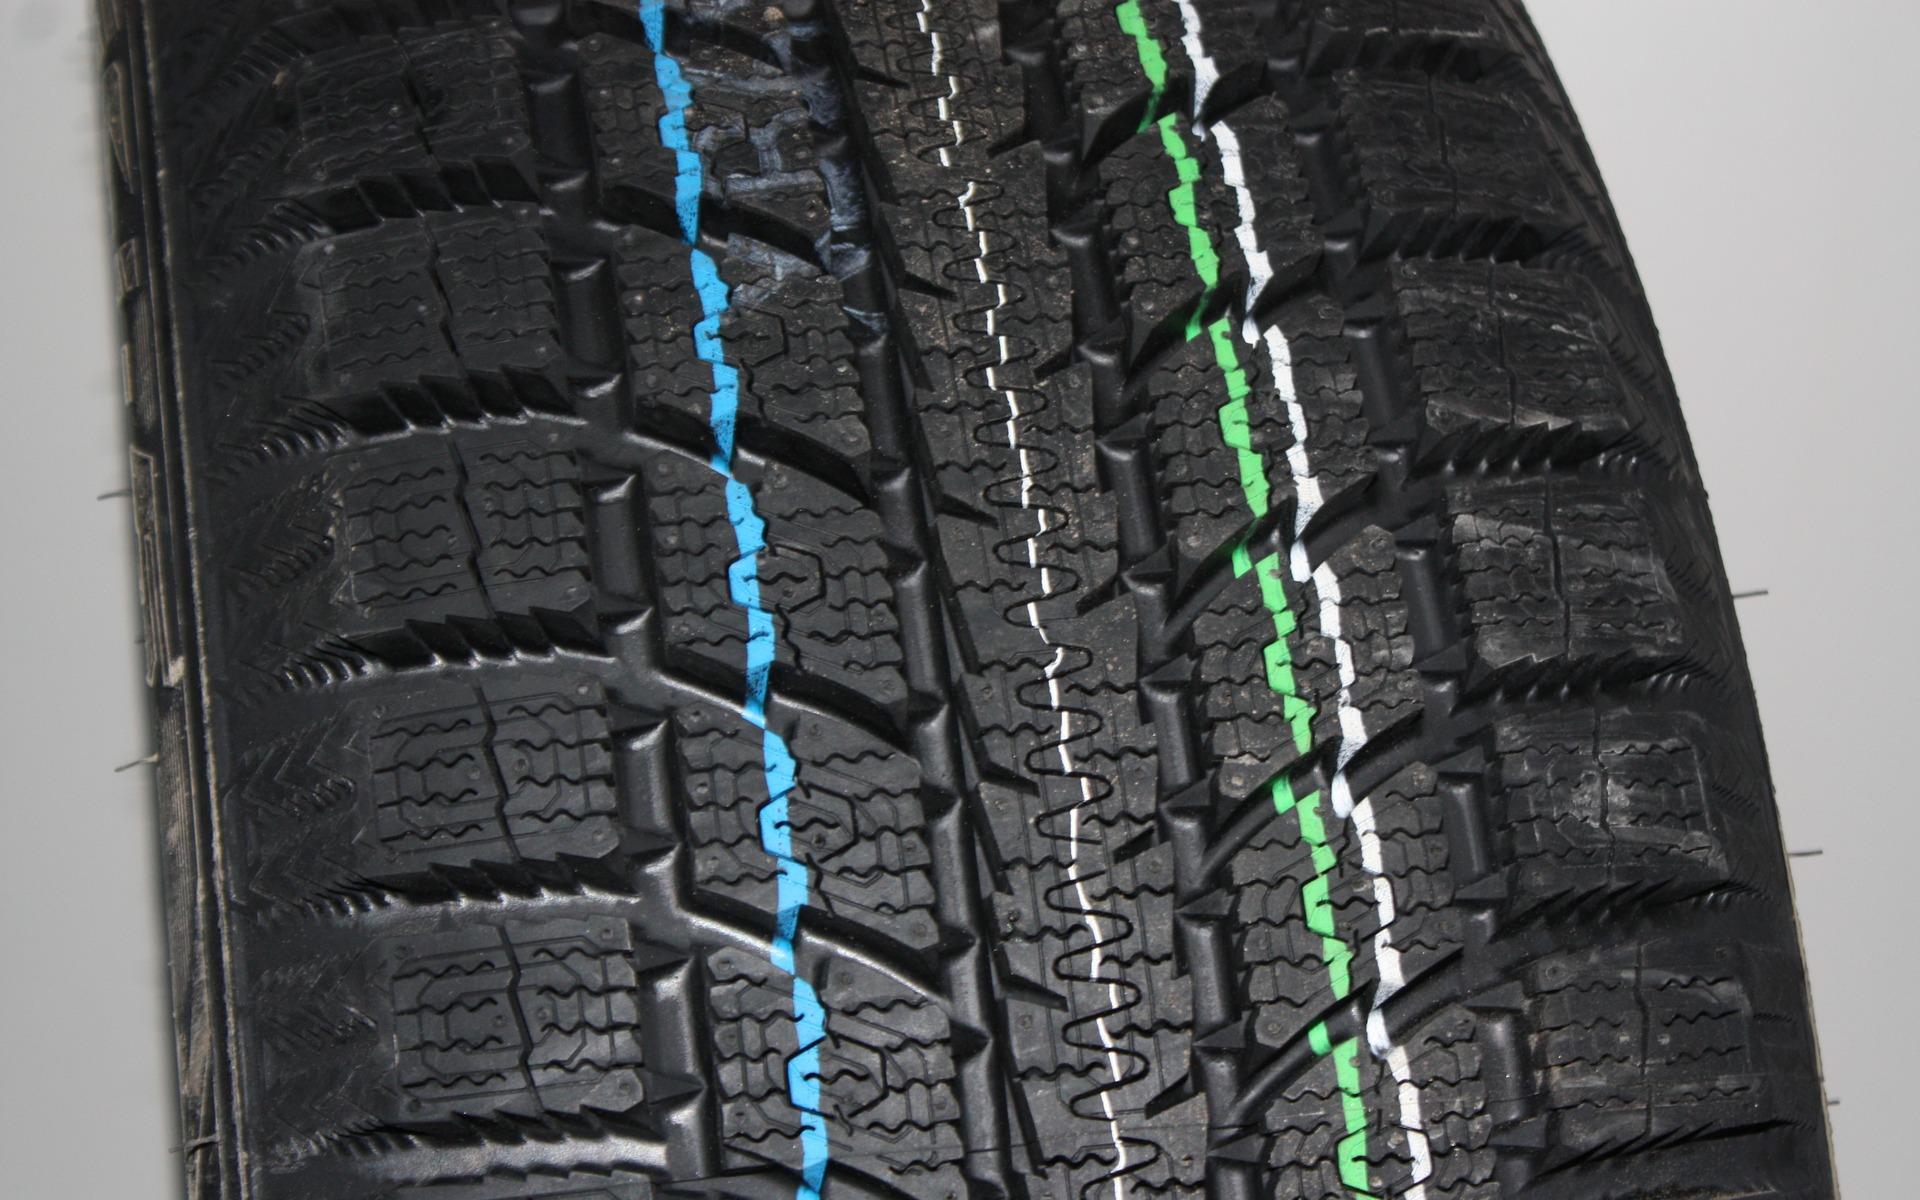 le top 10 des meilleurs pneus d 39 hiver selon le guide de l 39 auto 5 12. Black Bedroom Furniture Sets. Home Design Ideas